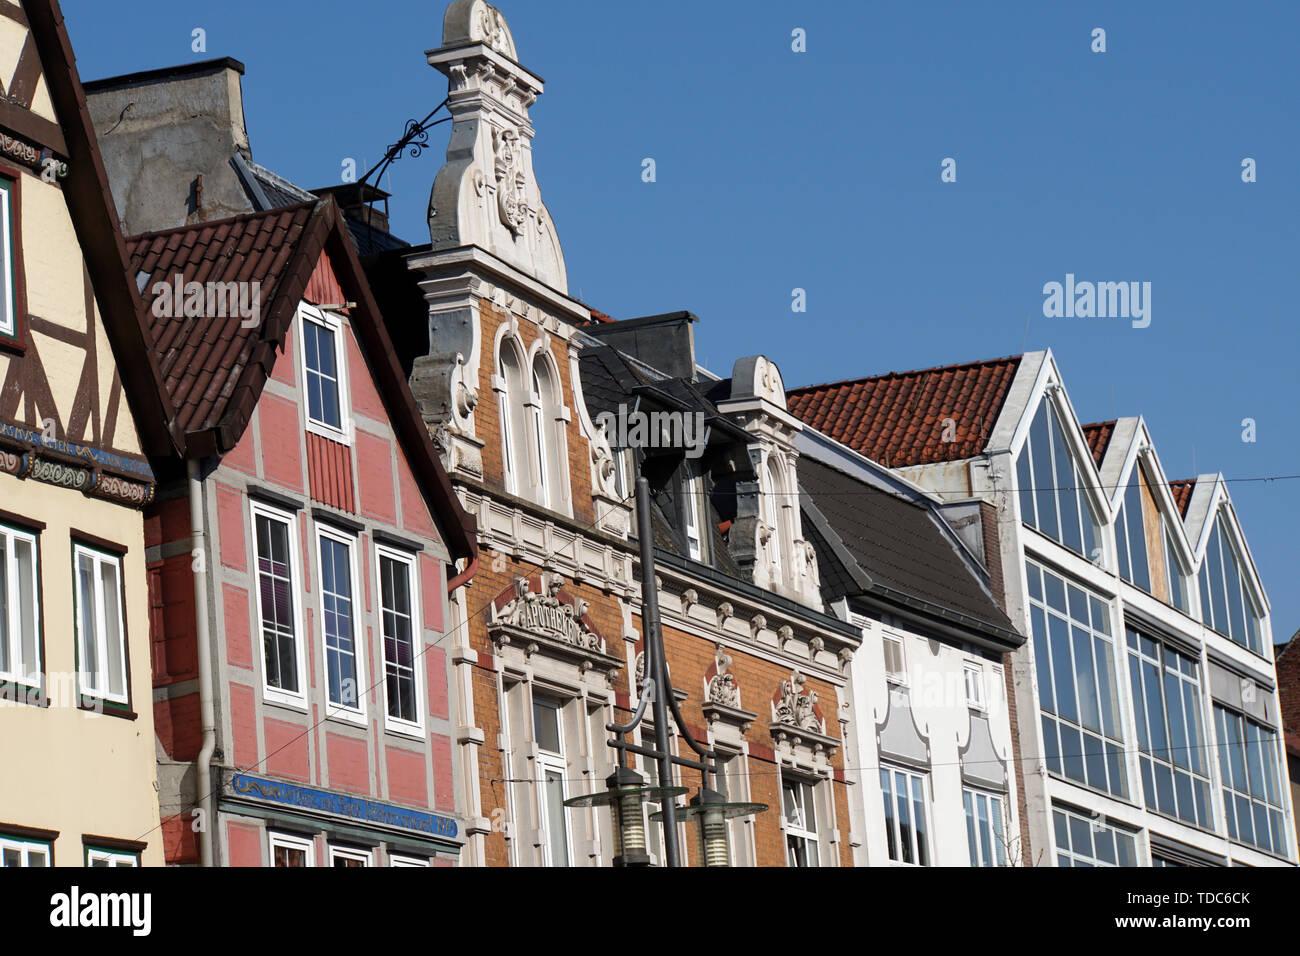 unterschiedliche Giebel vom Mittelalter bis zur Neuzeit, Uelzen, Niedersachsen, Deutschland - Stock Image